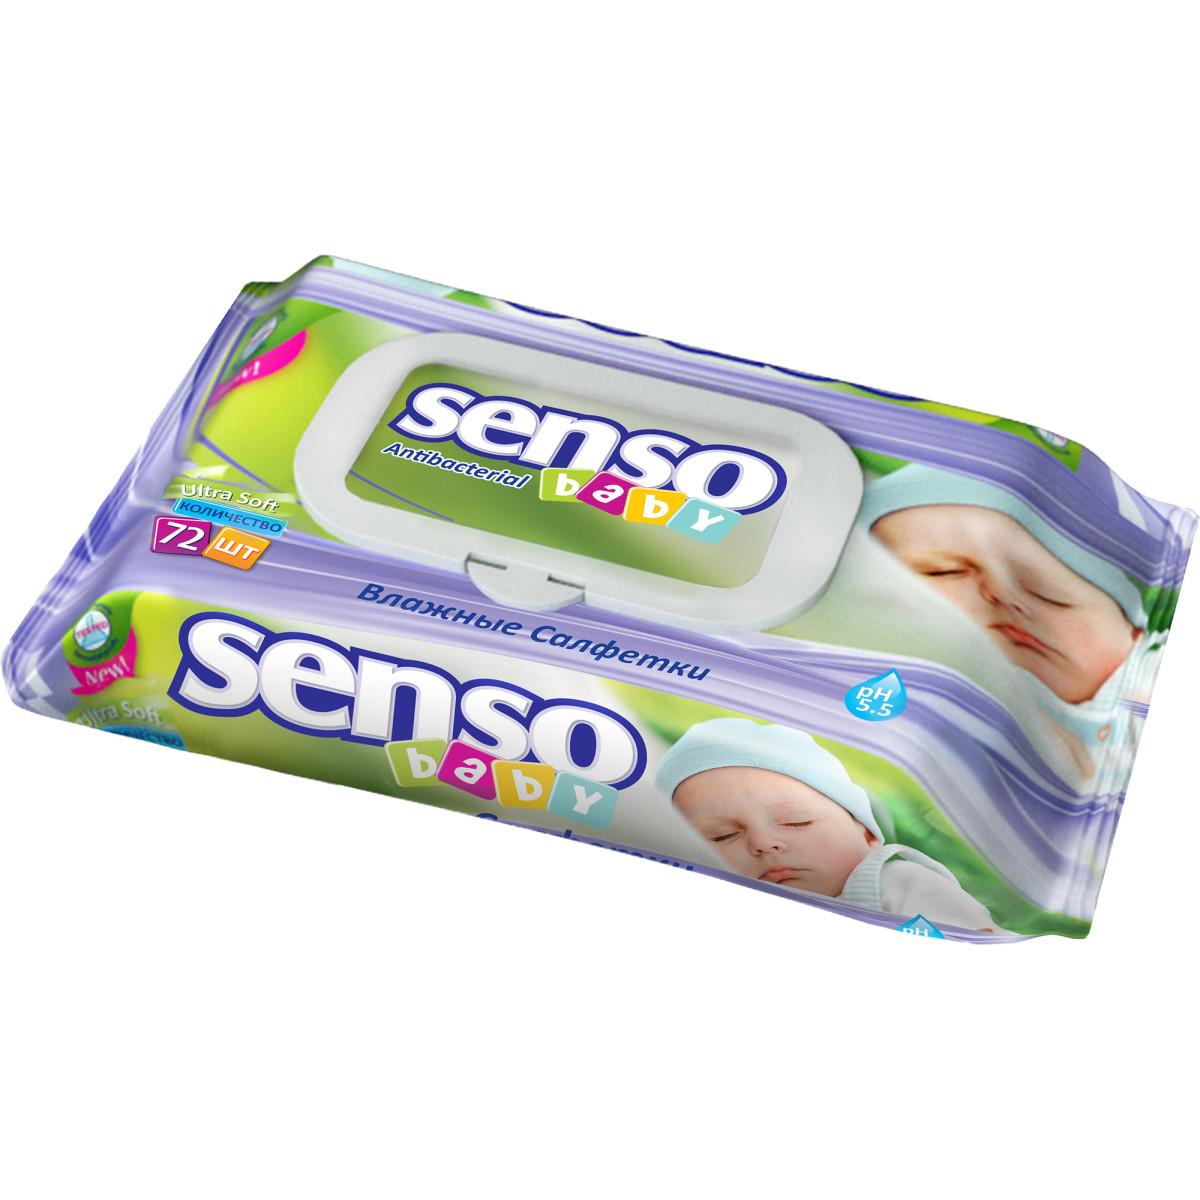 Салфетки влажные для детей Senso baby 72 шт.